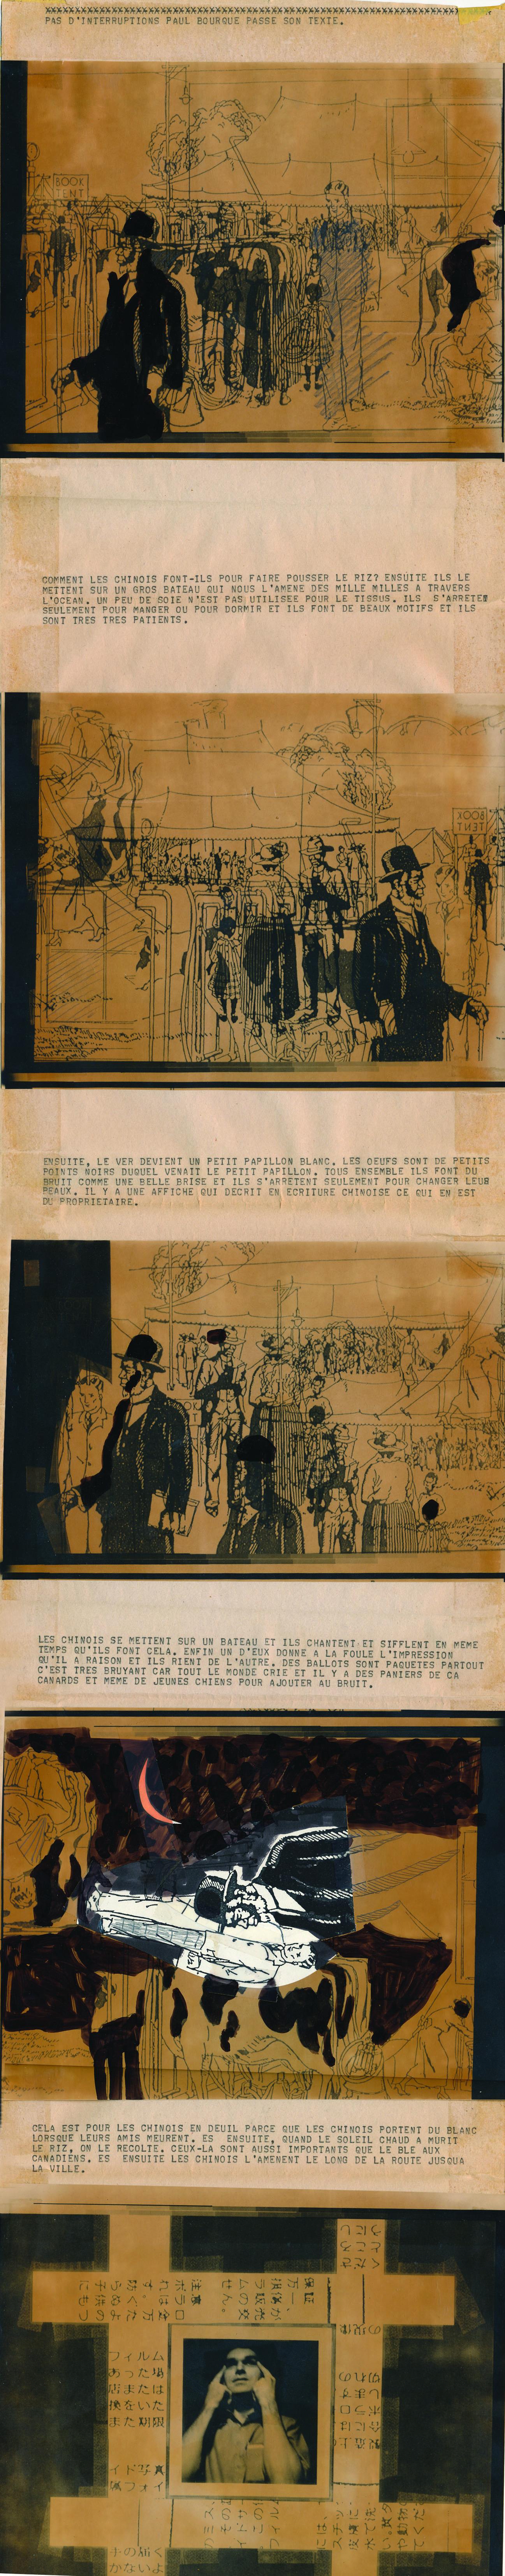 Document passé dans la machine photolaser et reconstruit. /  © Paul Édouard Bourque 1982